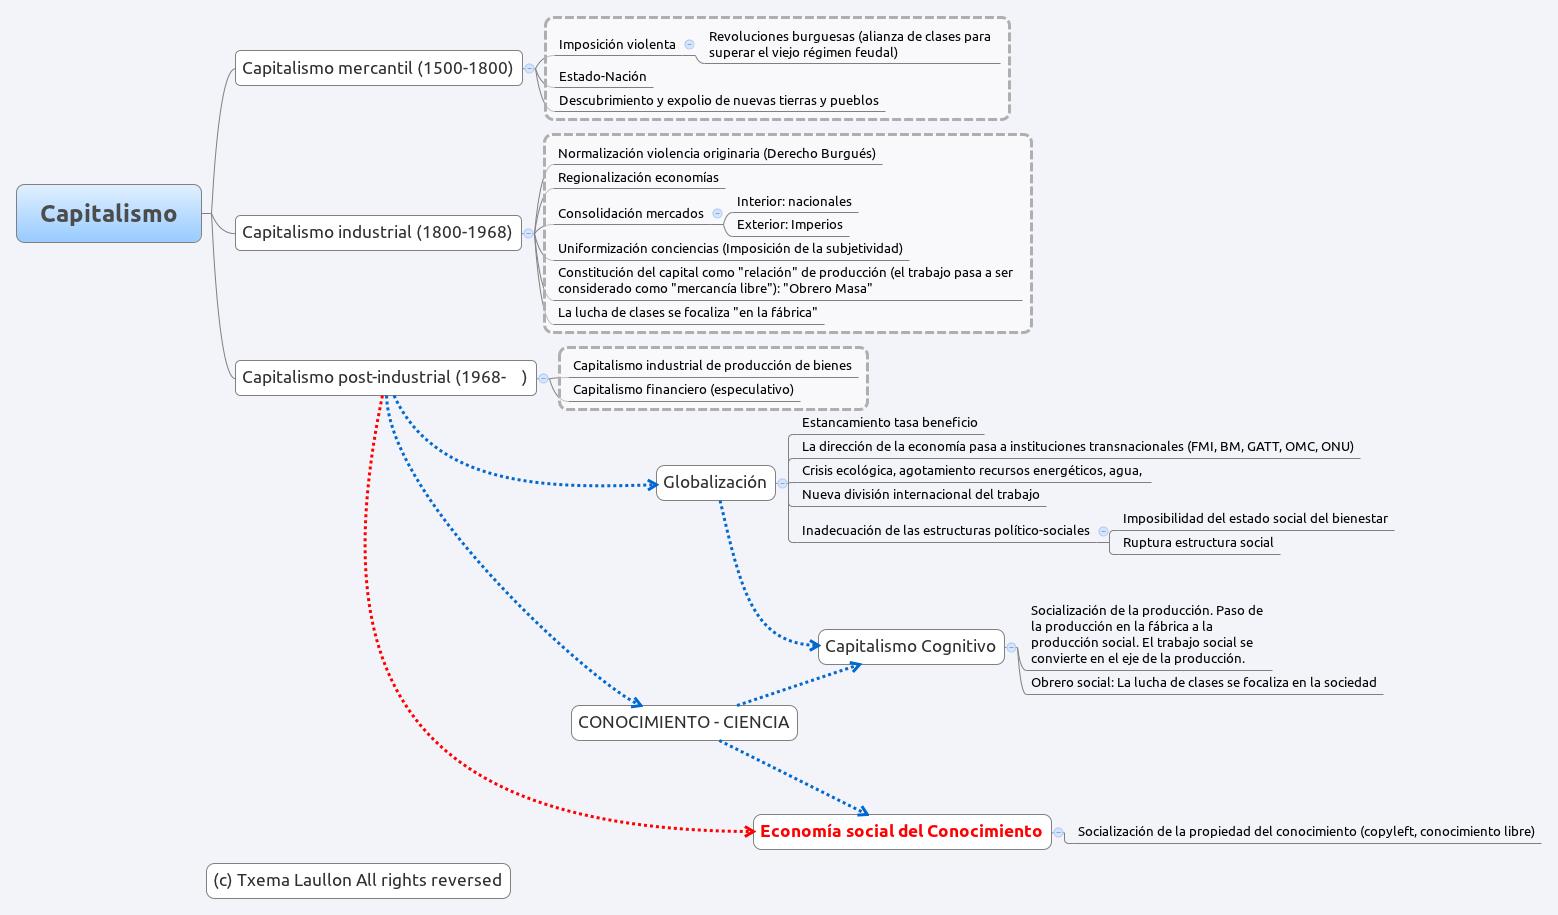 Mapa Conceptual Capitalismo Cognitivo O Economía Social